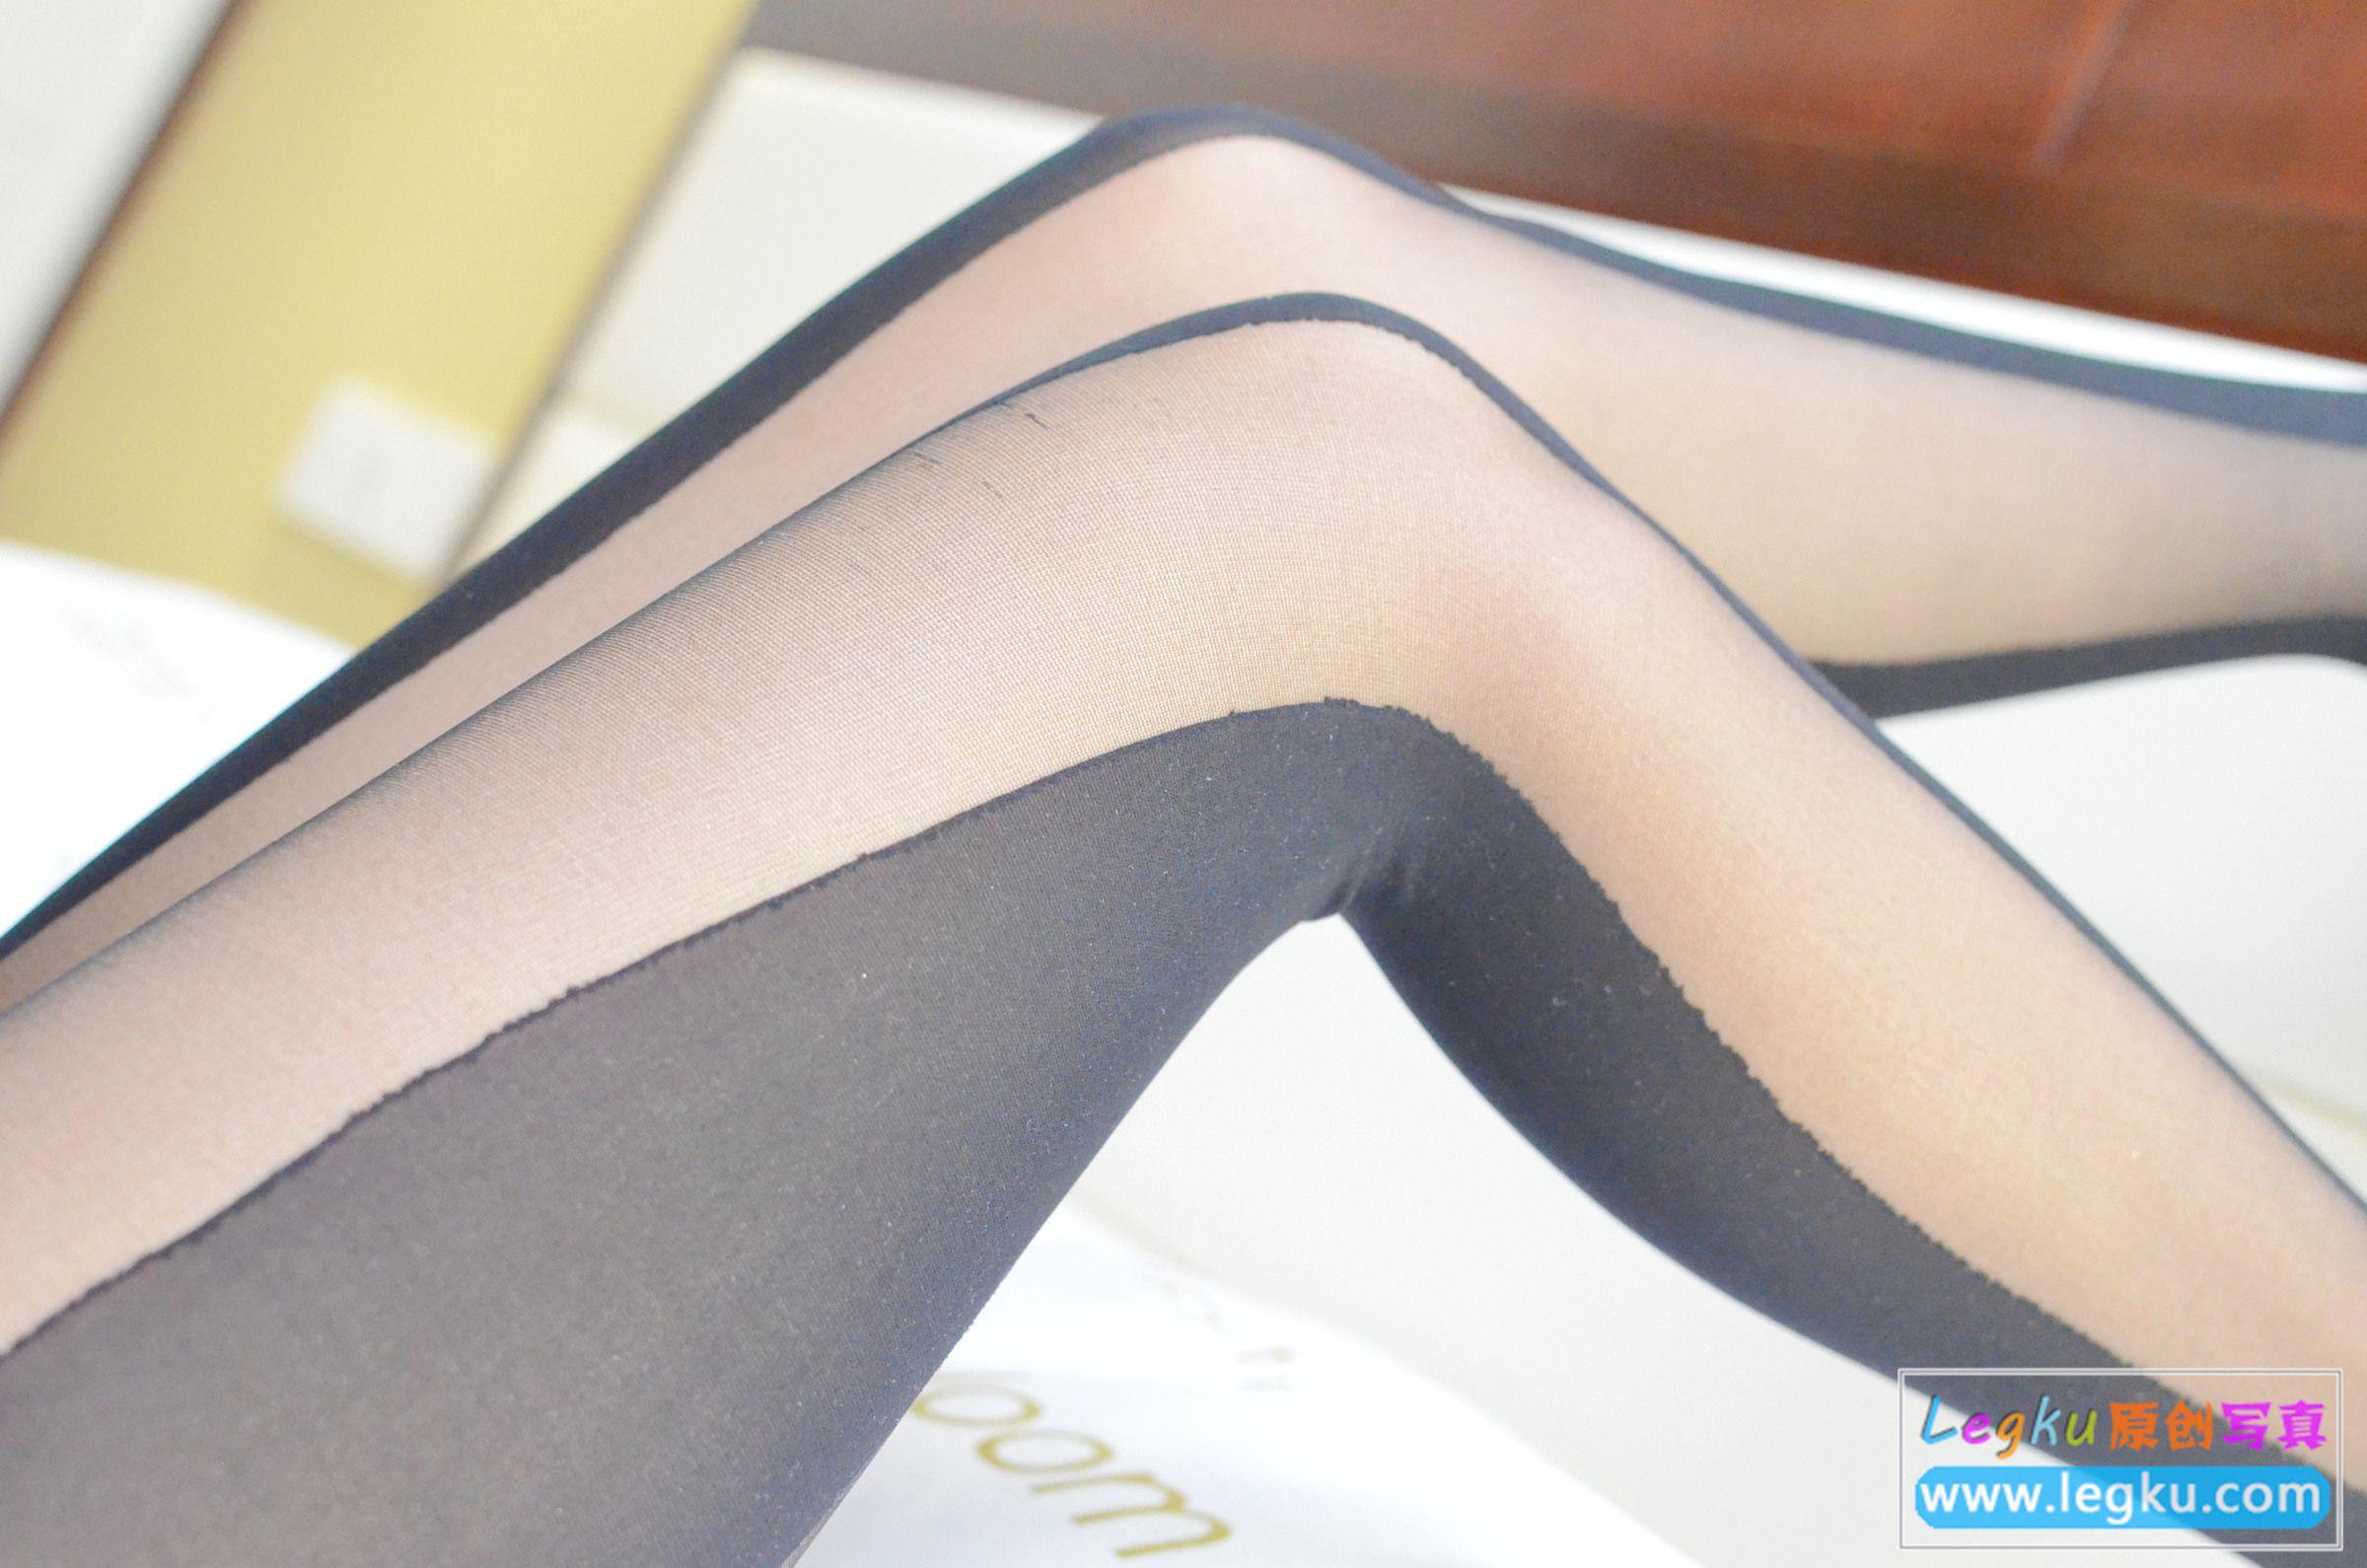 双色丝袜美腿+红高跟 写真套图